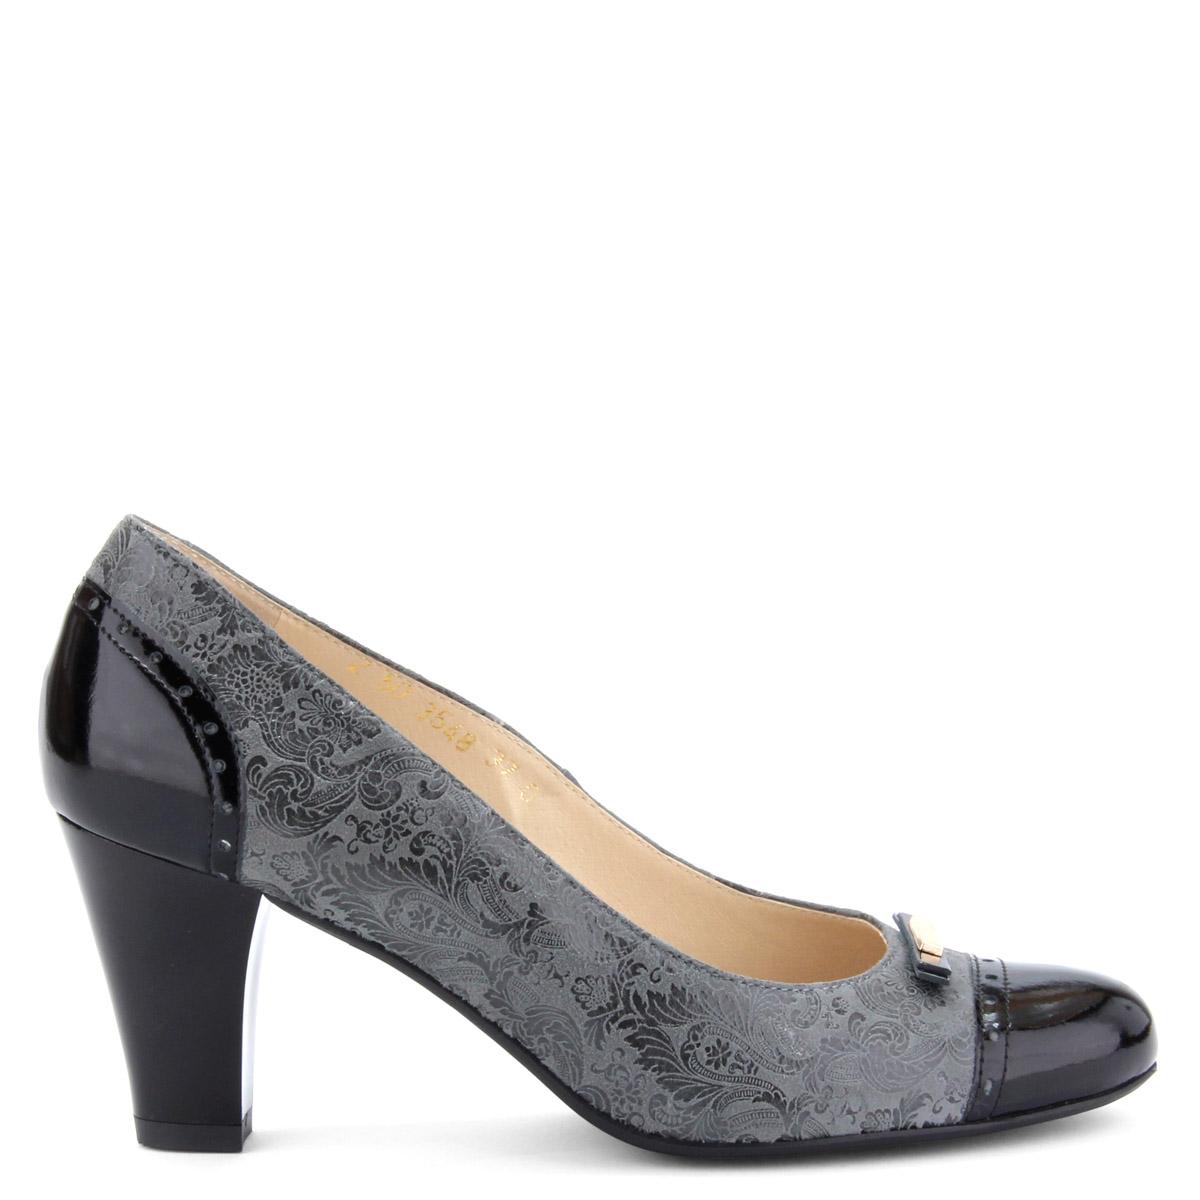 Fekete-szürke színkombinált női bőr cipő. Sarka 7 cm magas. 91a4e09068